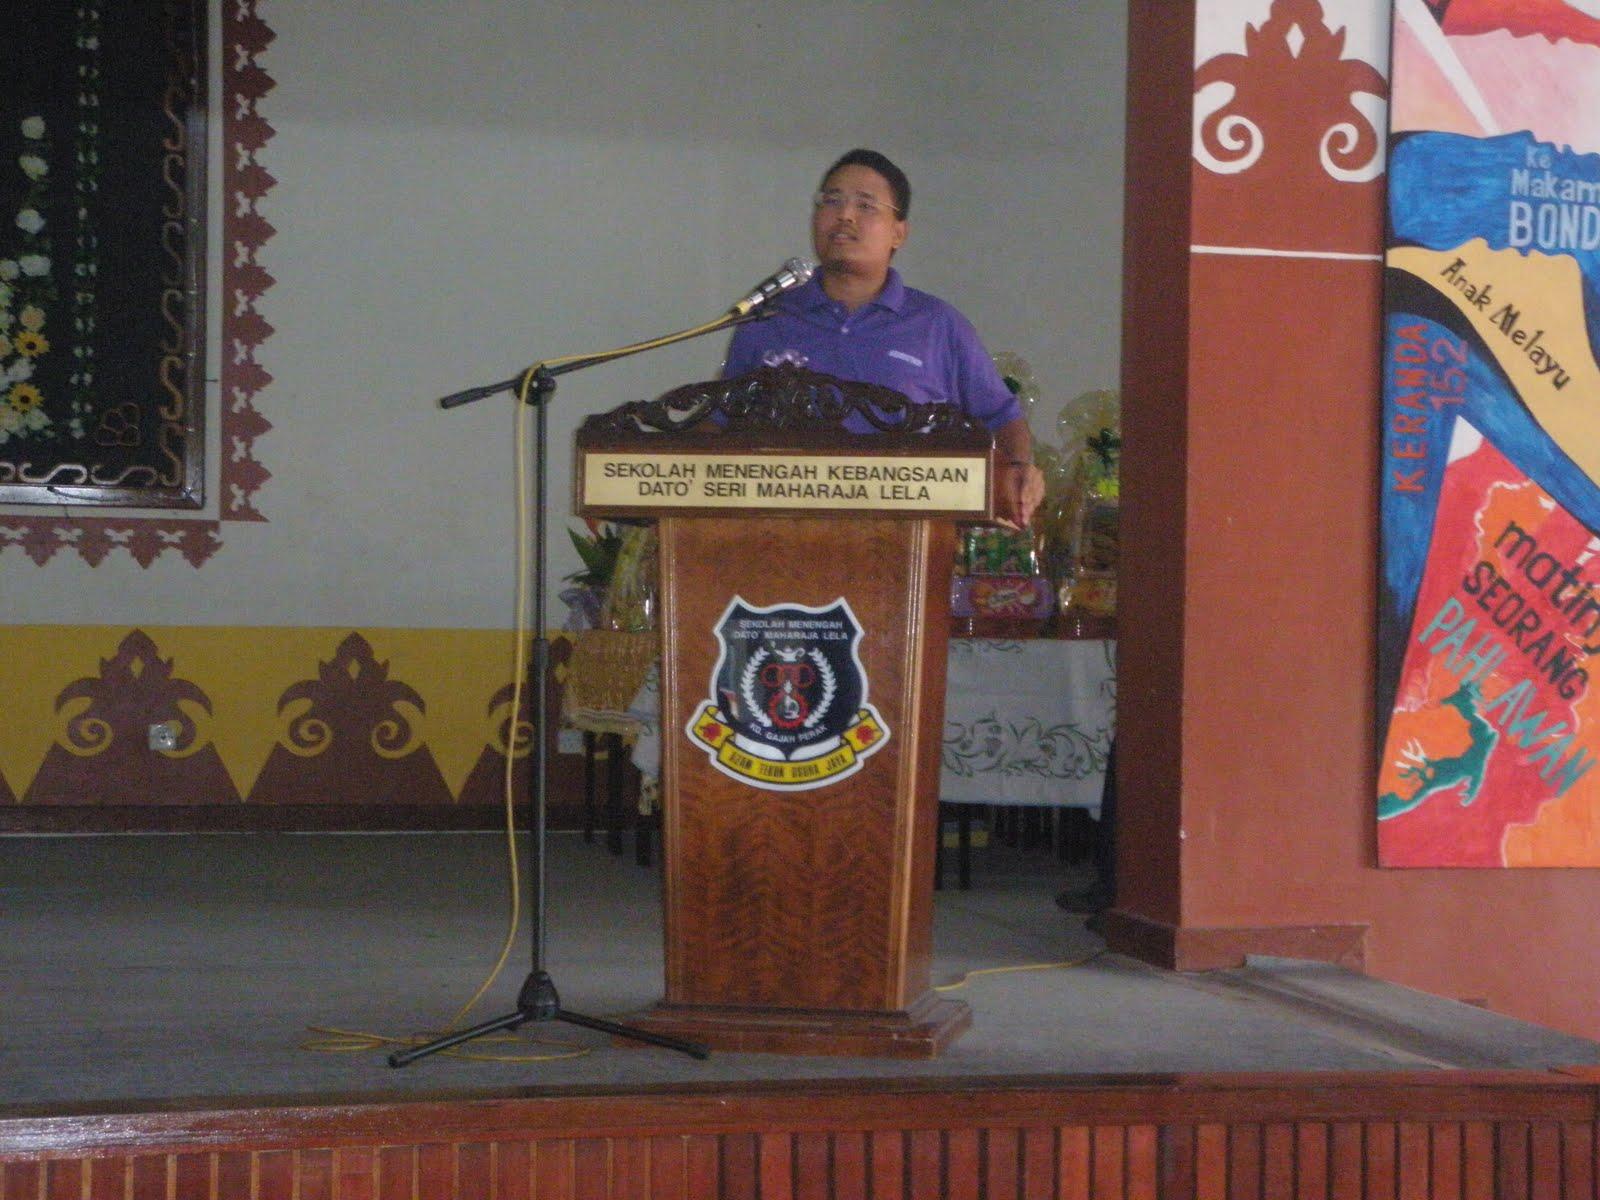 27 JUN 2010: SEHARIAN BERSAMA PROGRAM KETUA PEMUDA UMNO BAHAGIAN PASIR